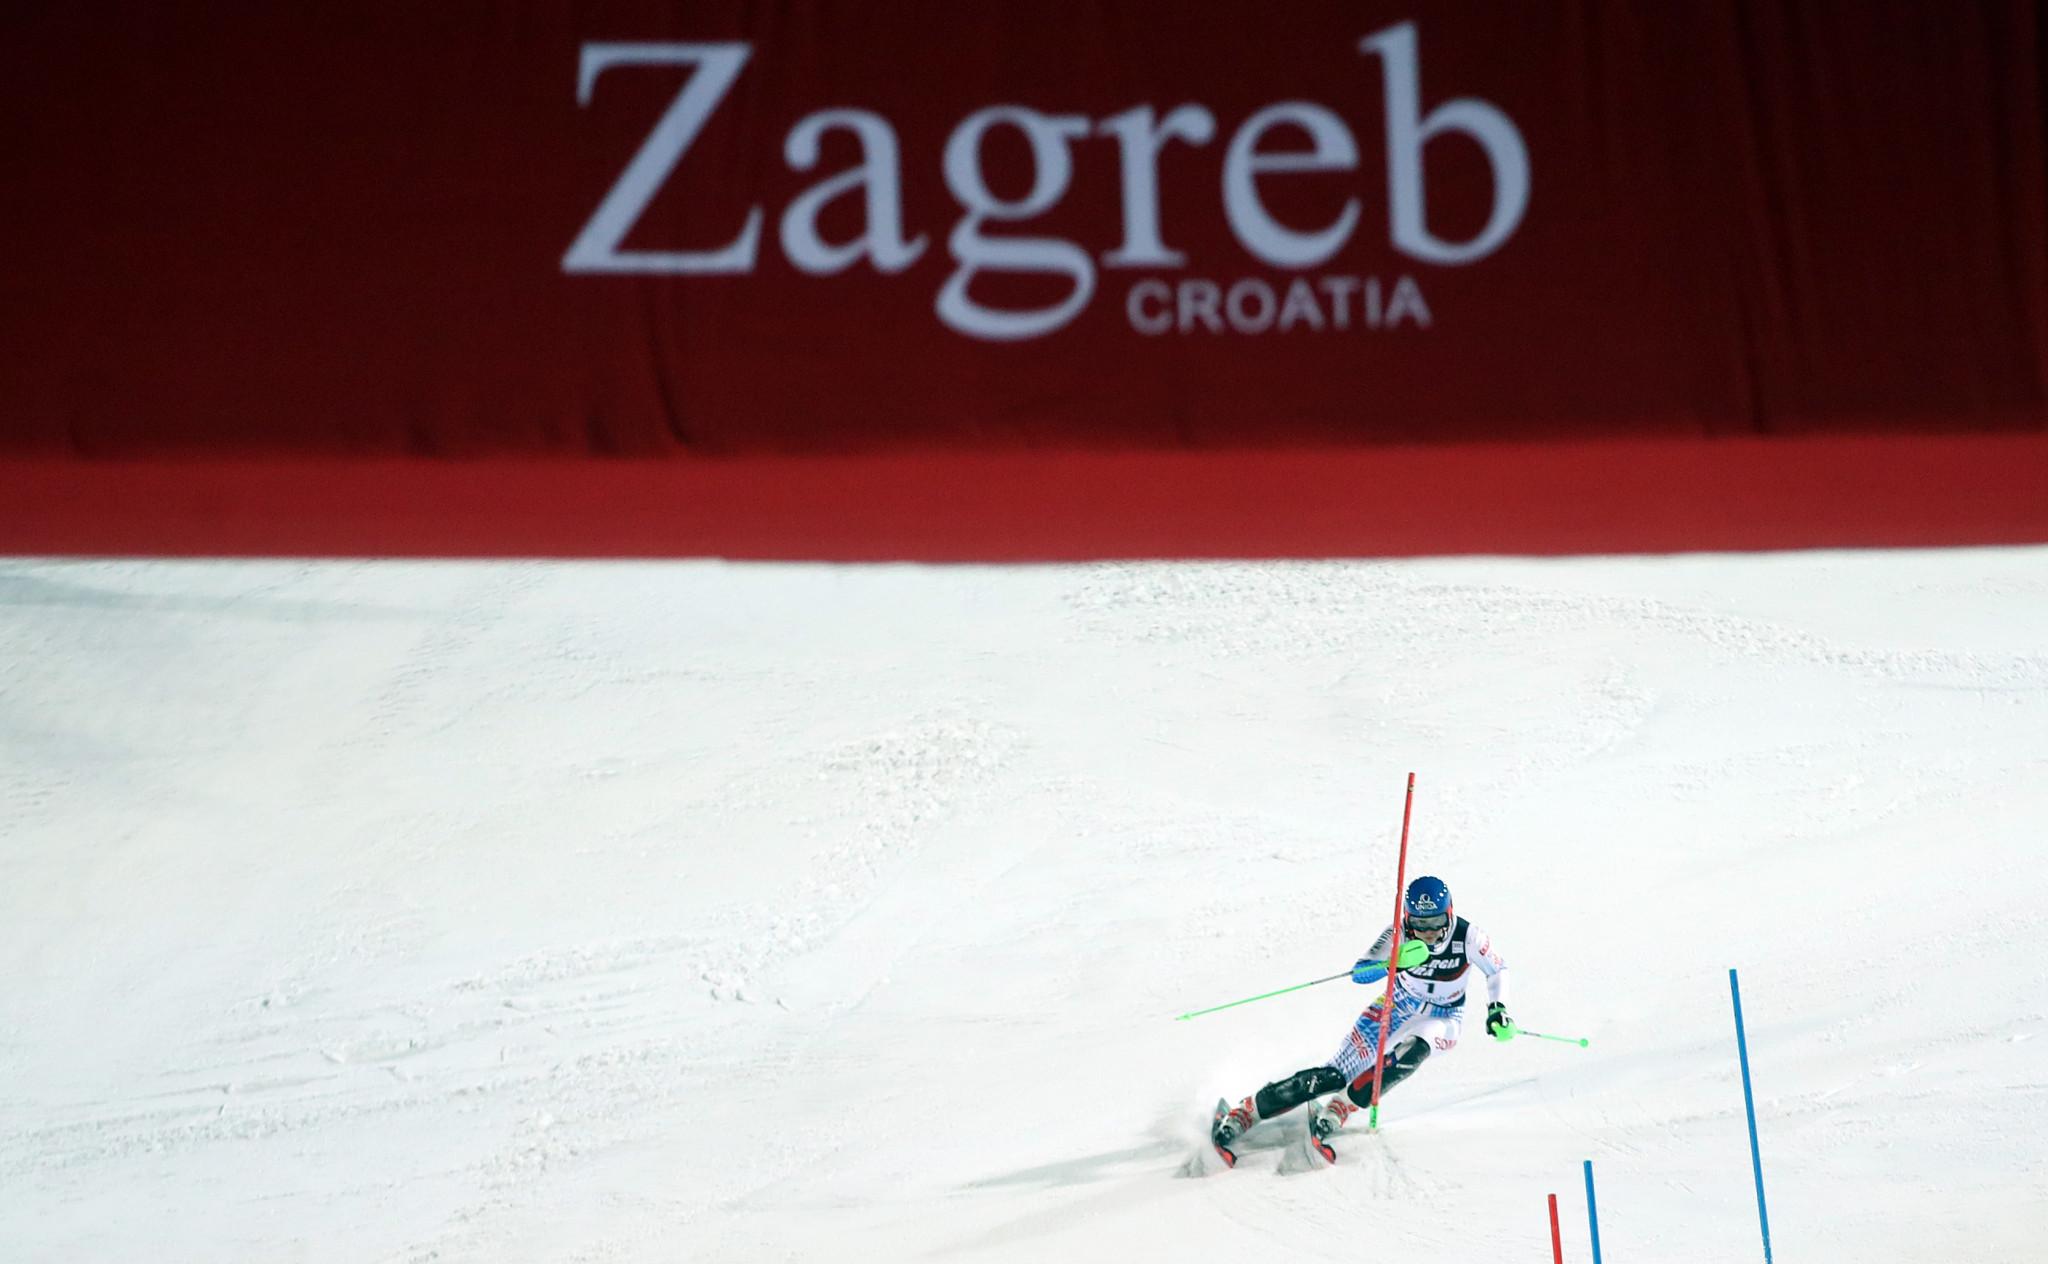 FIS Alpine Ski World Cup event in Zagreb to take place despite recent earthquake